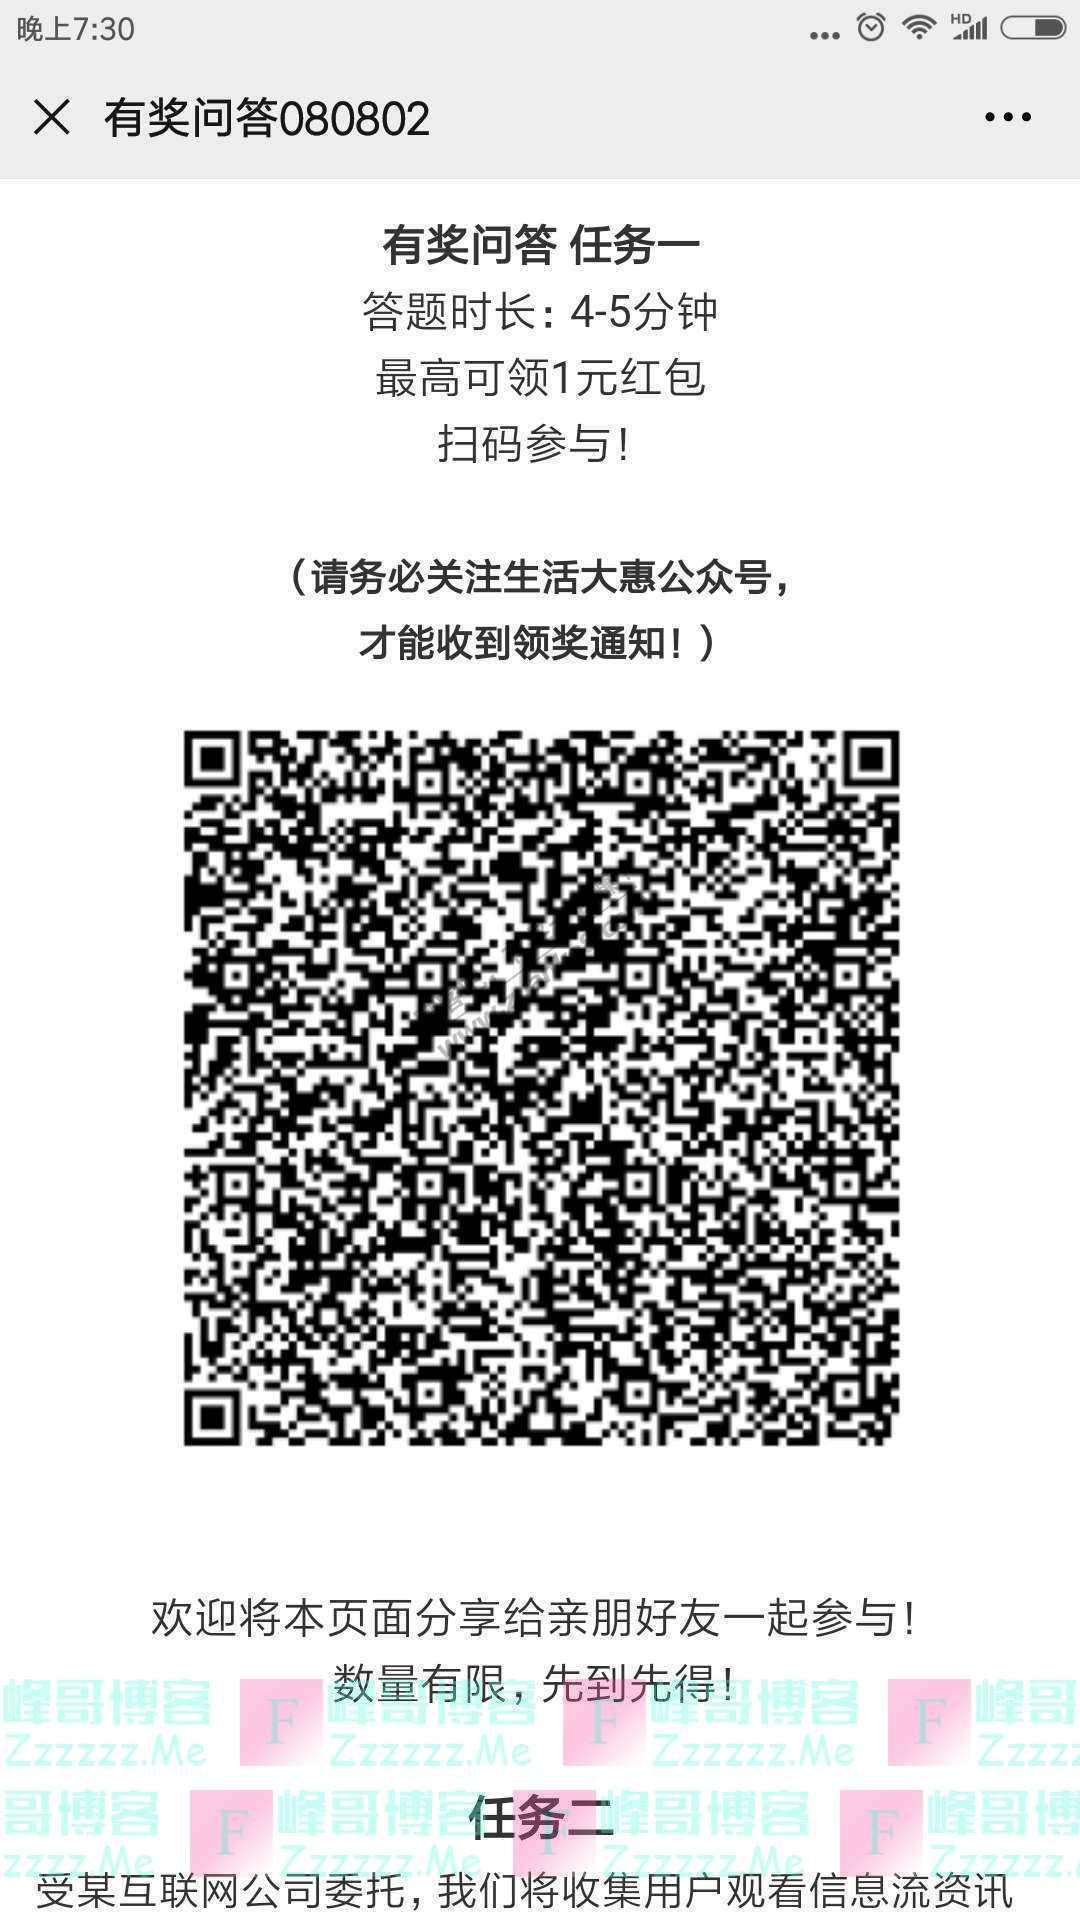 生活大惠有奖问答080802(截止不详)